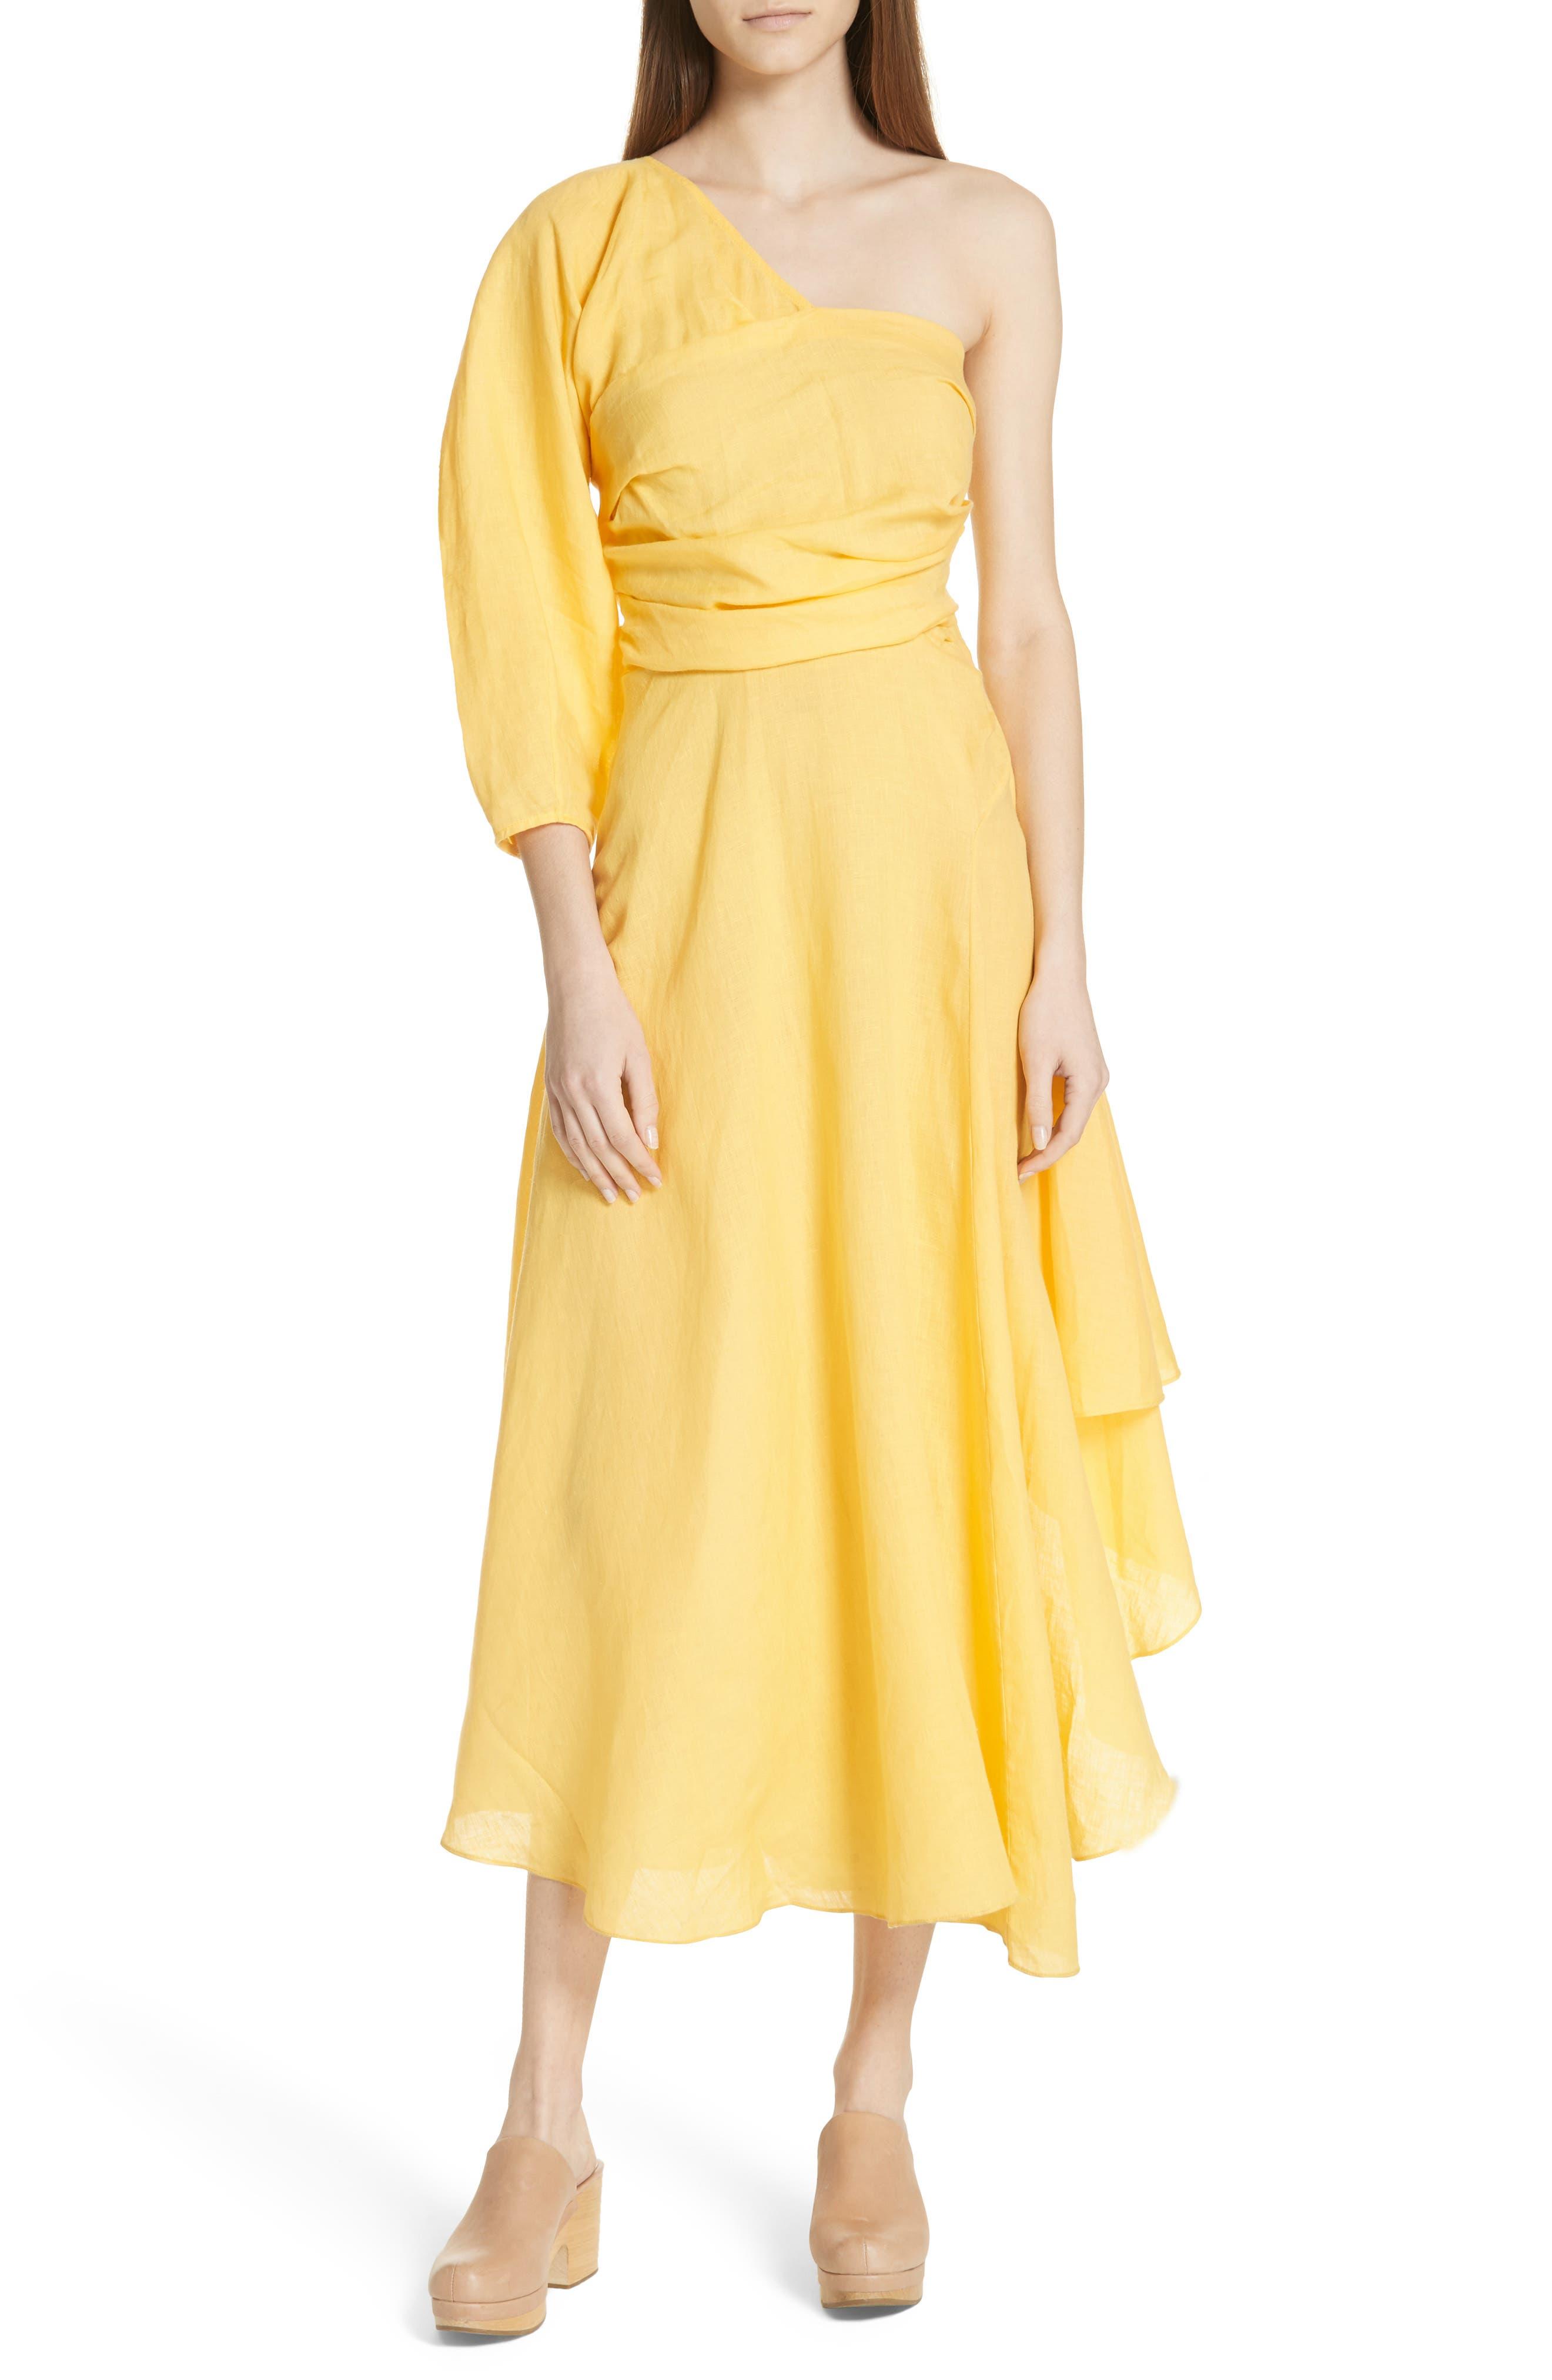 Tipple One-Shoulder Dress,                         Main,                         color, 770